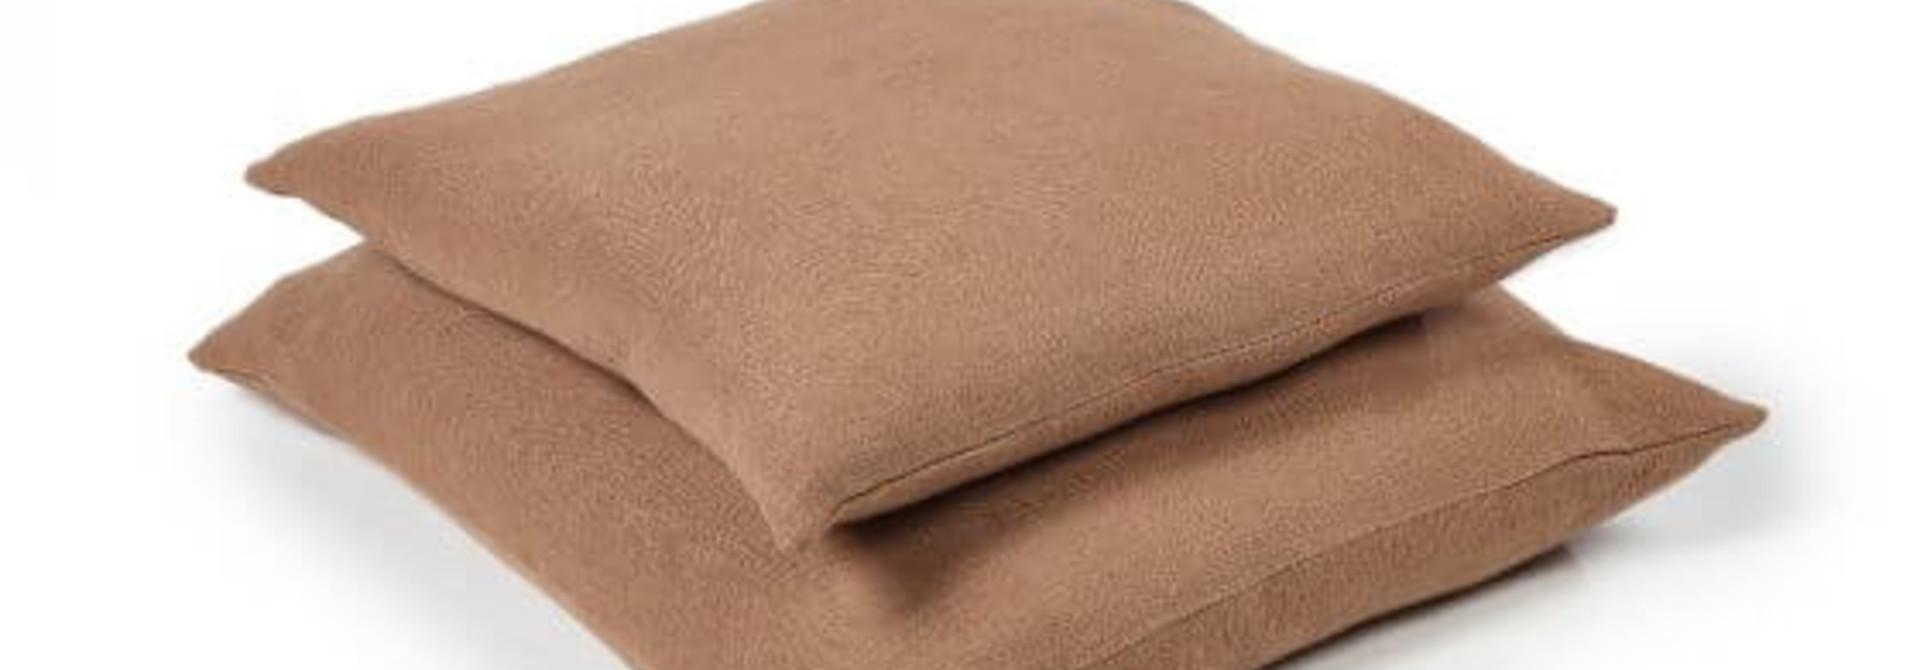 Cushion Cover - Hudson -  Cinnamon